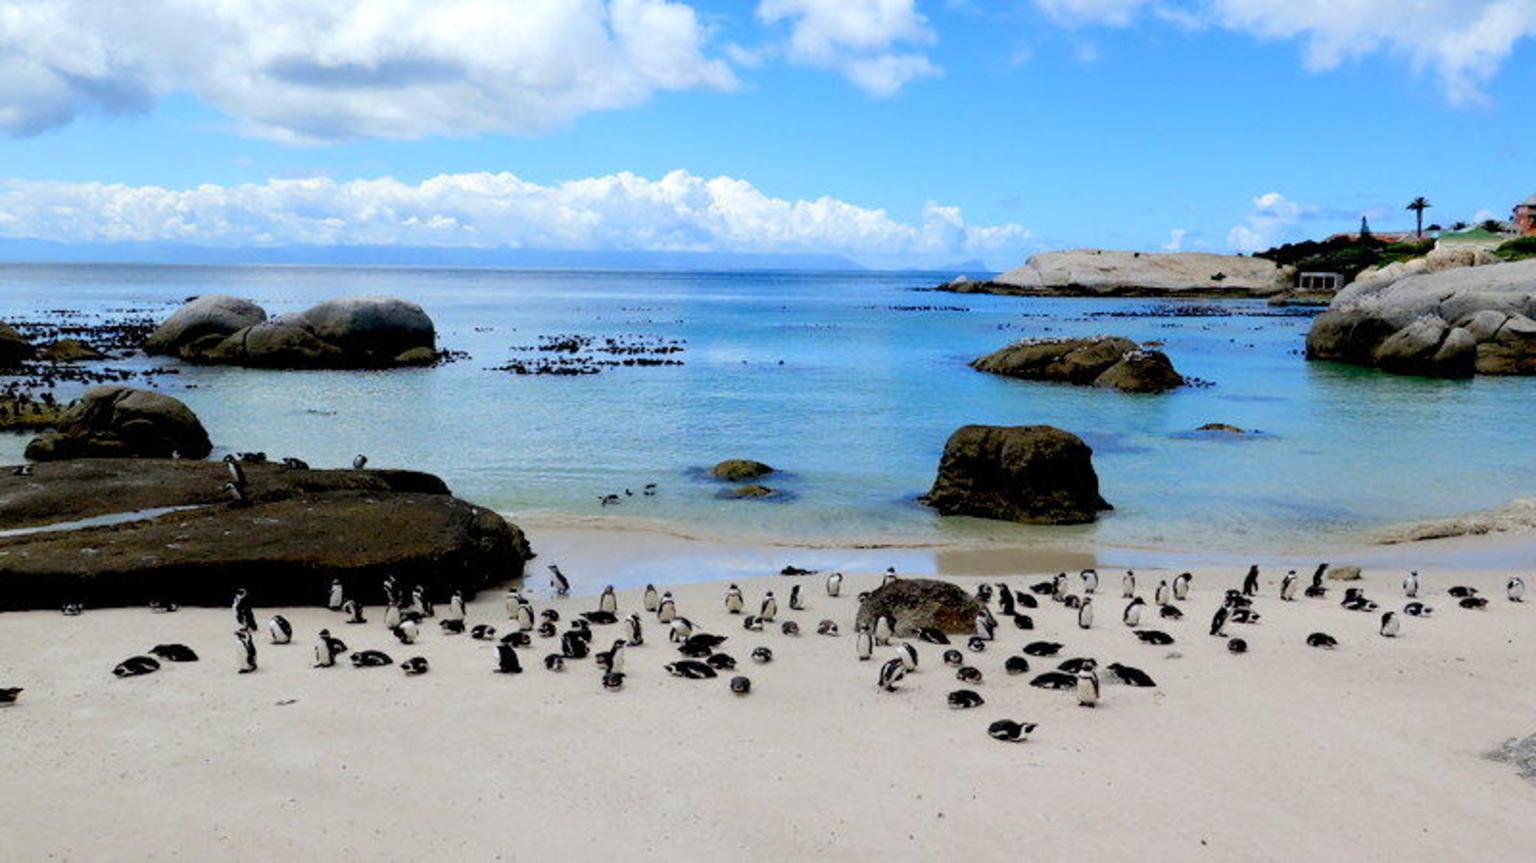 MAIS FOTOS, Excursão turística de dia inteiro pela Península do Cabo e Cape Point, saindo da Cidade do Cabo